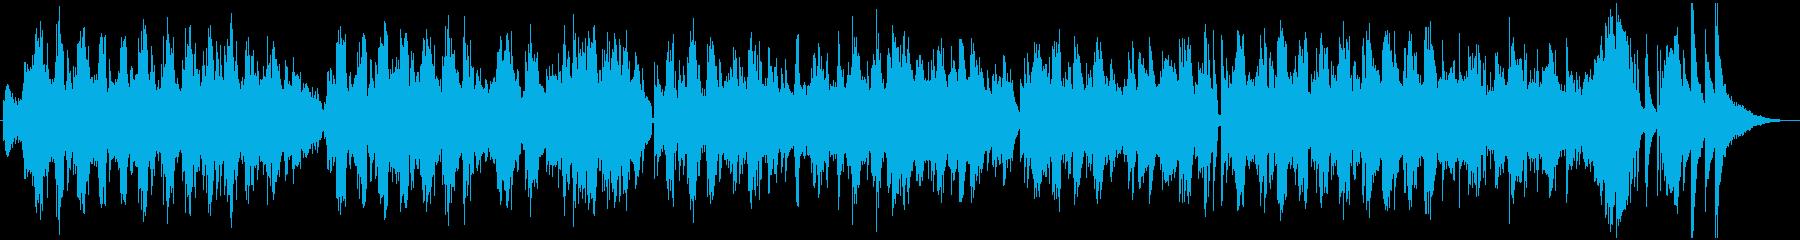 ニューエイジとクラシックのスタイル...の再生済みの波形